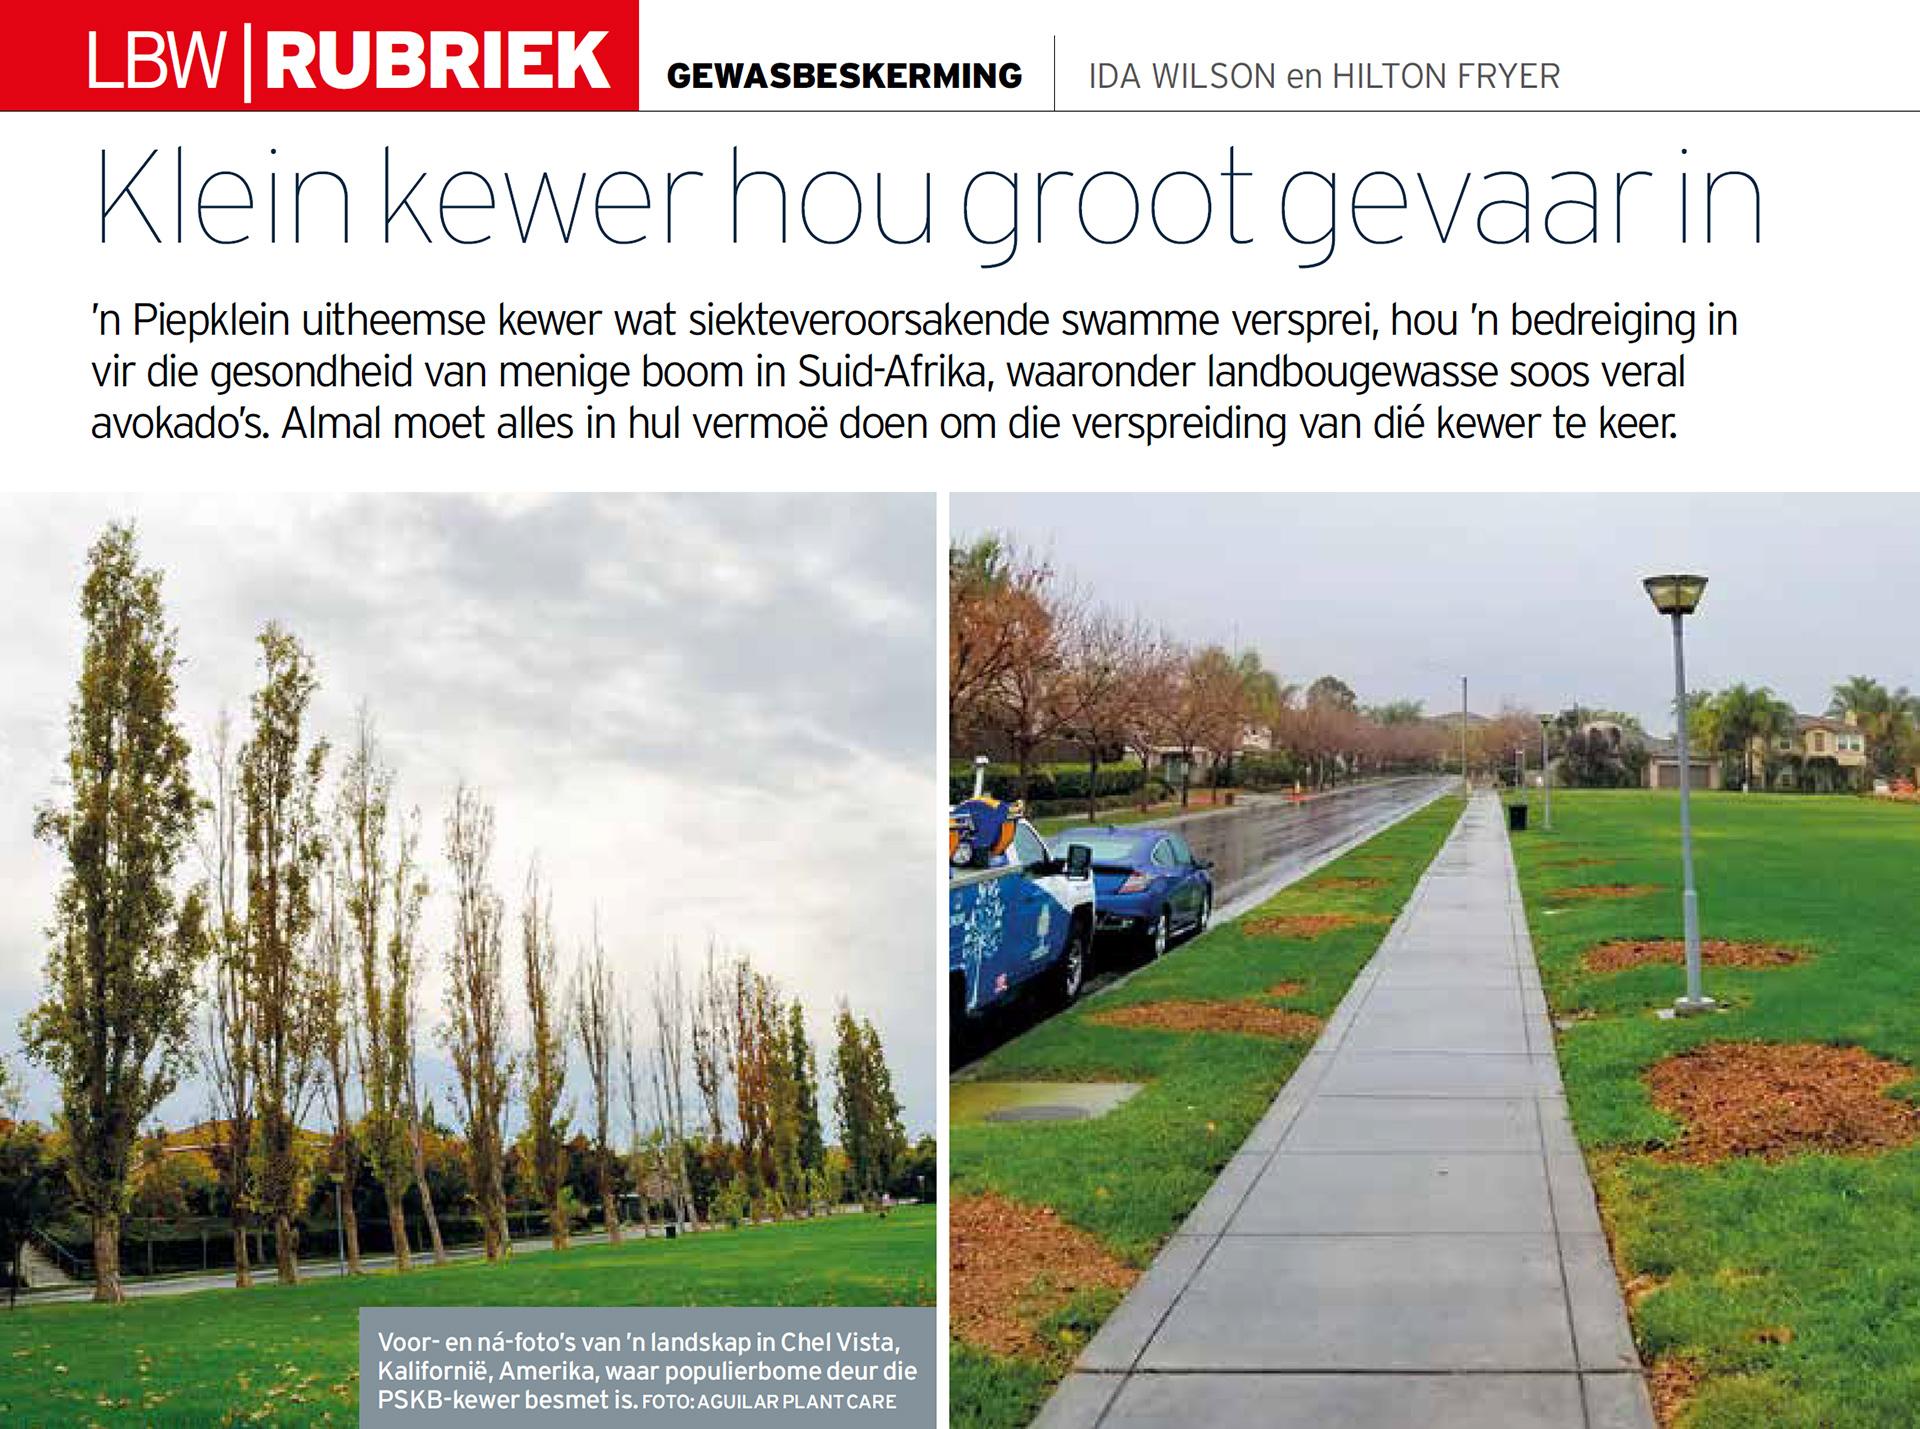 Netwerk24.com – Landbou: Klein kewer hou groot gevaar in